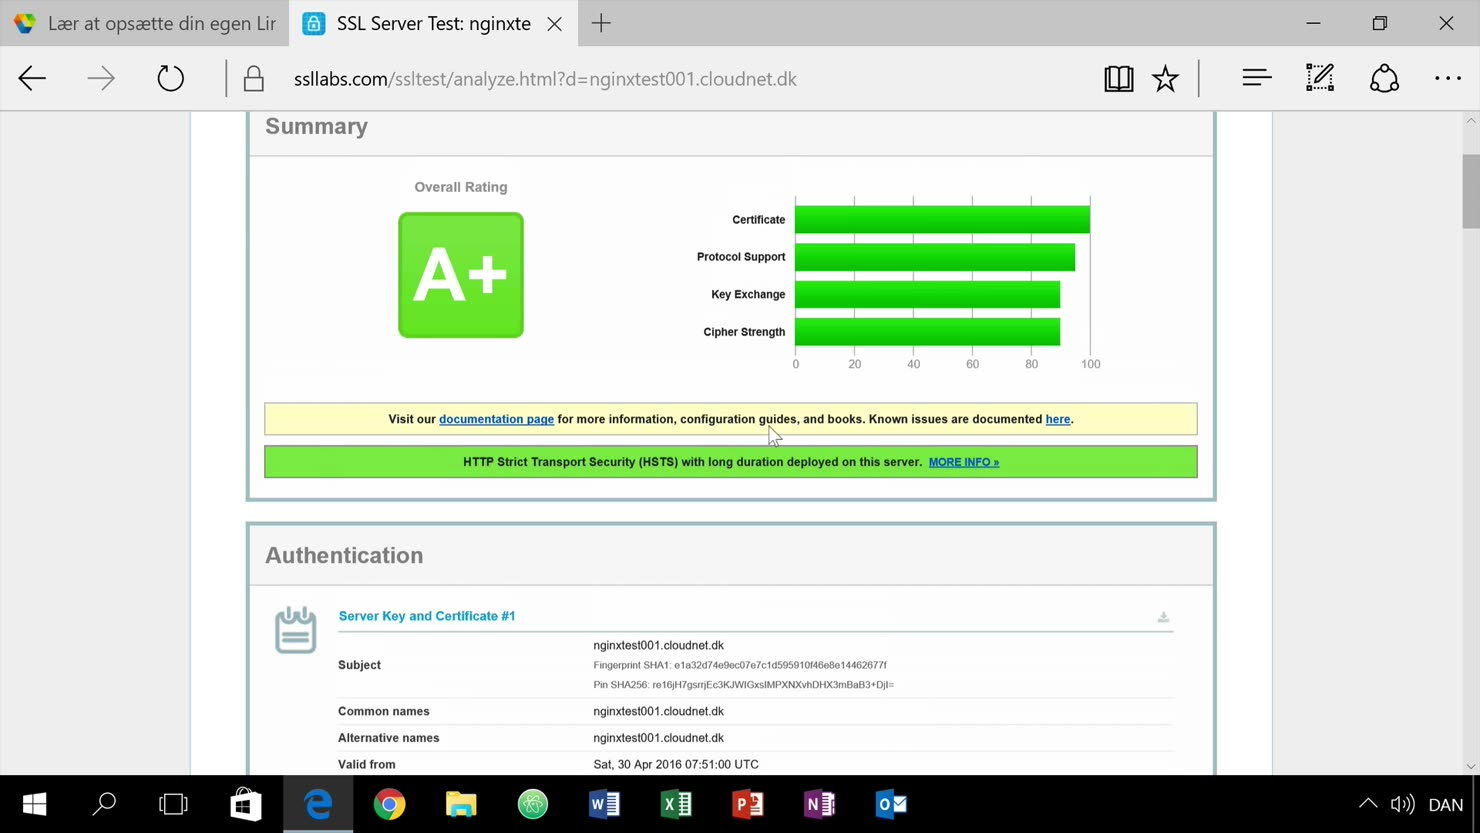 Opsætning af SSL-certifikat (Lets Encrypt) i vores nginx-webserver